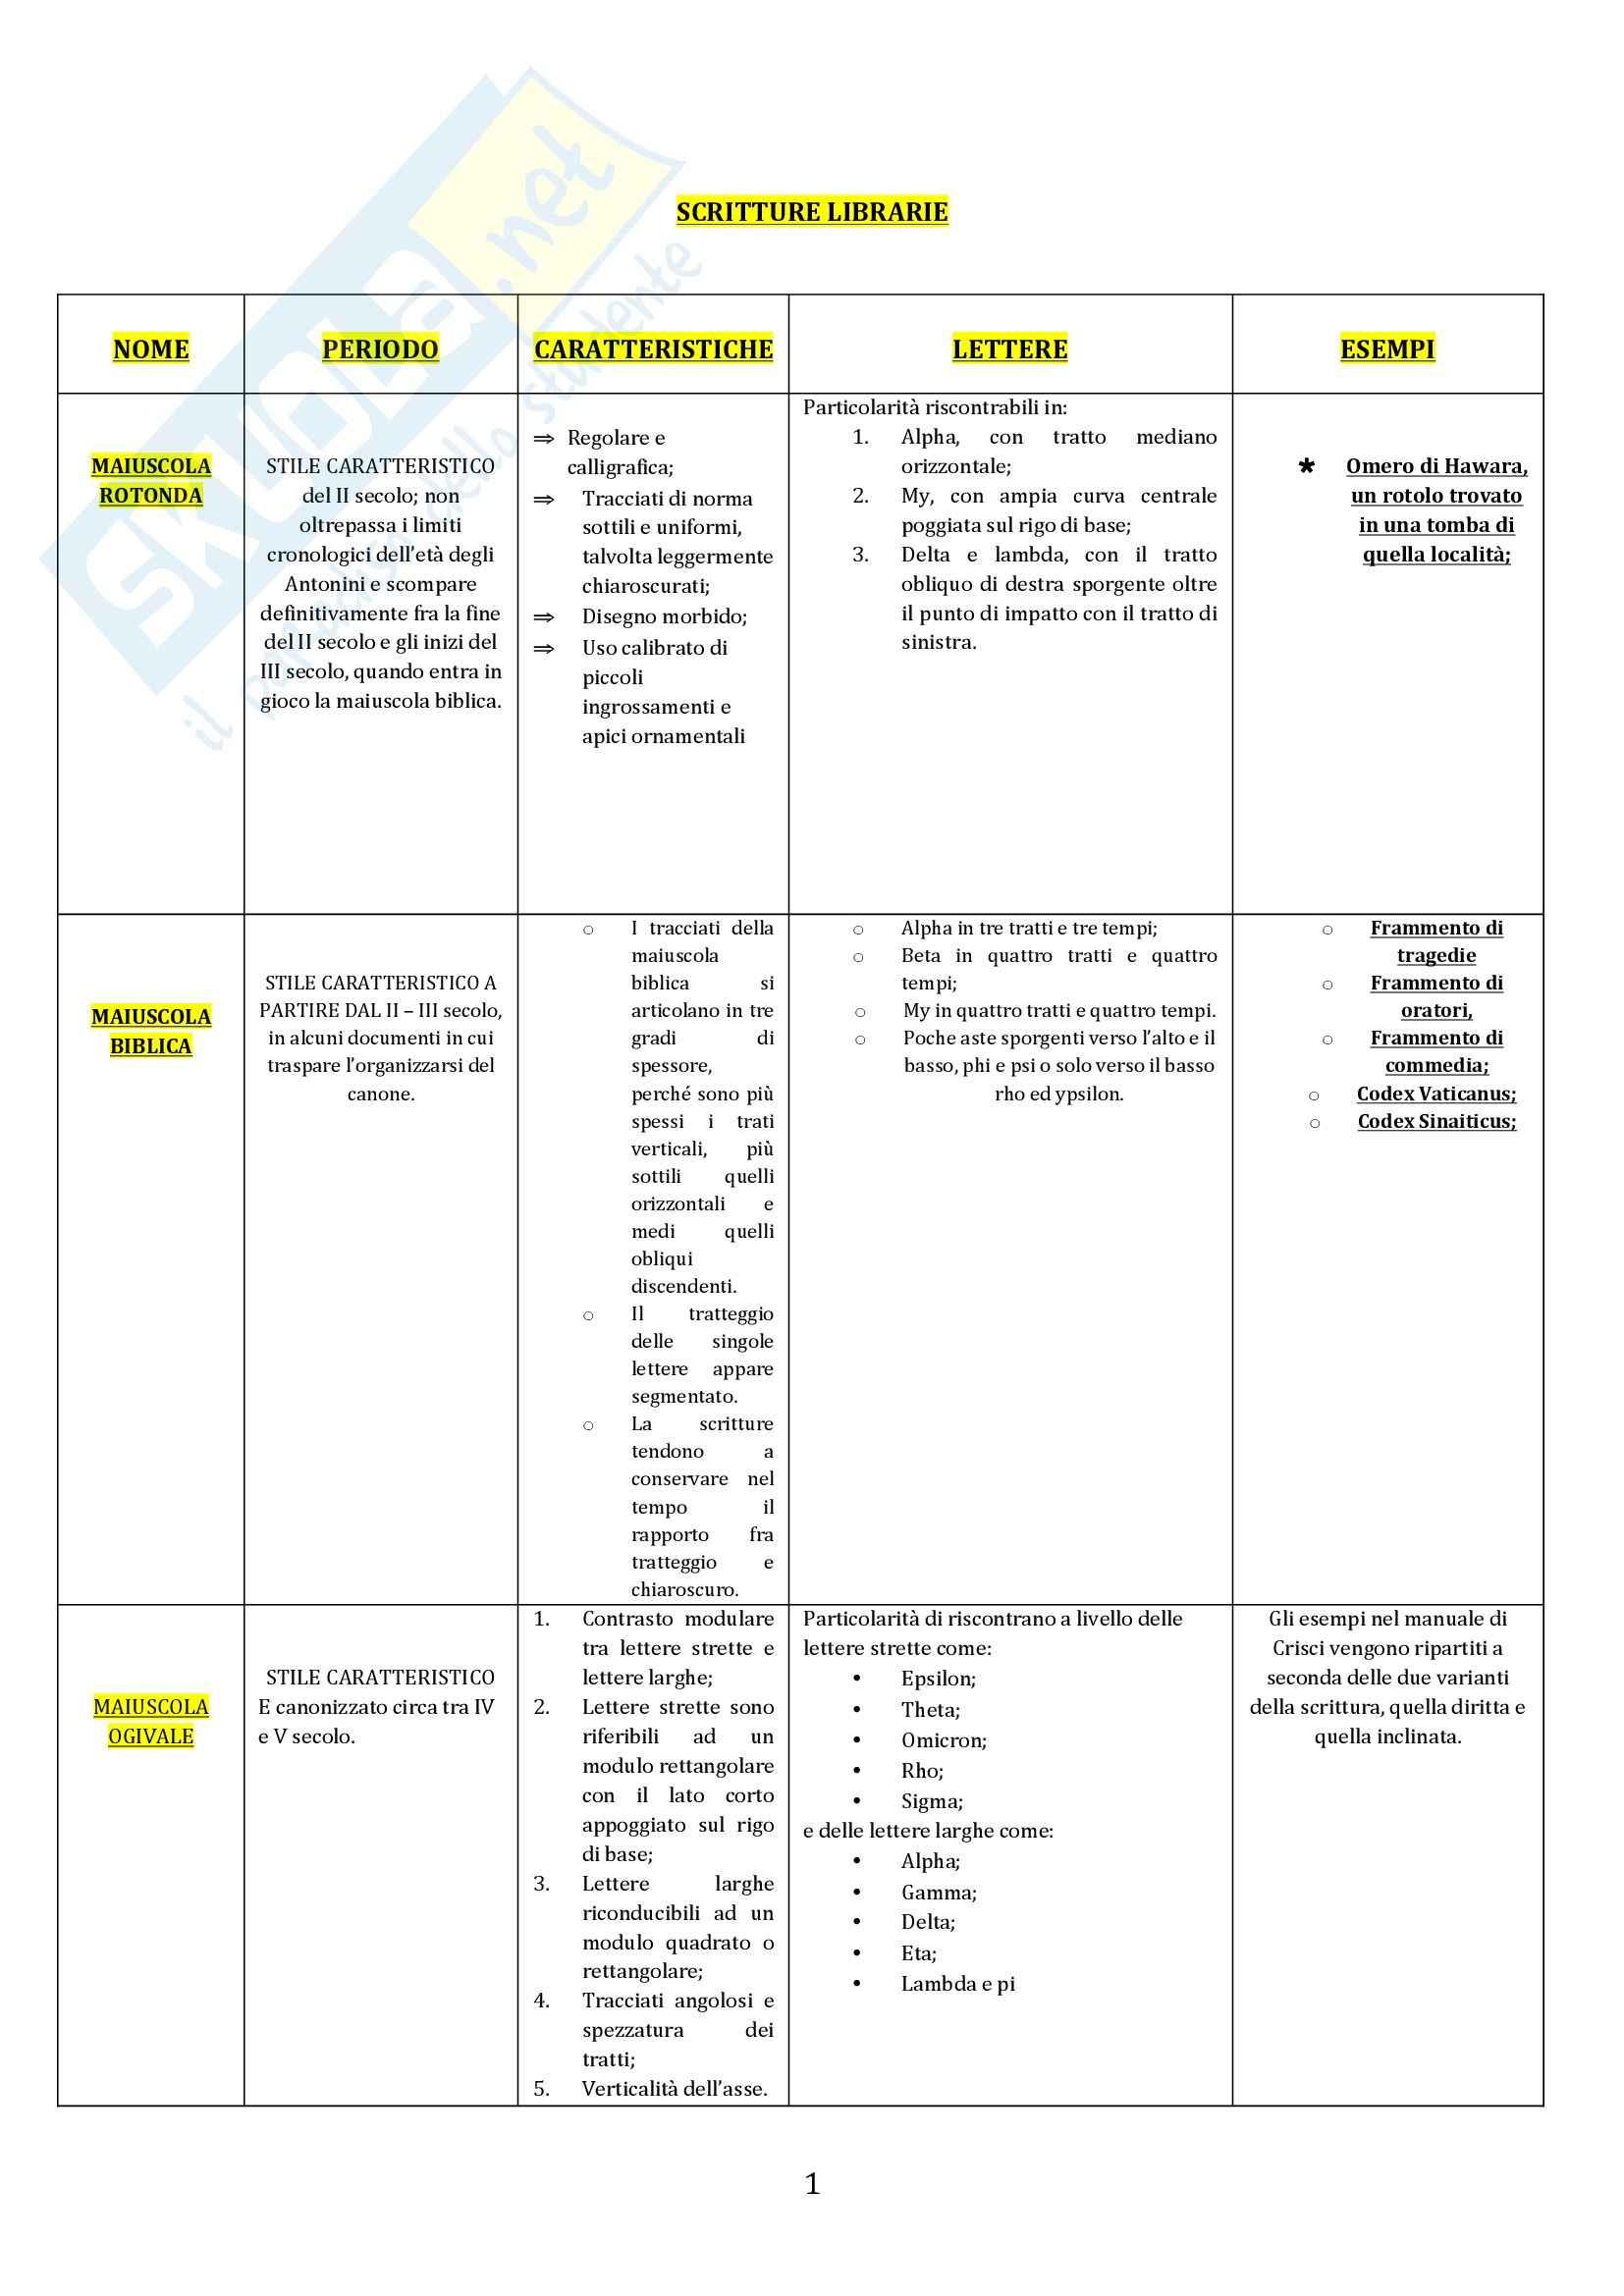 Paleografia greca - le scritture librarie